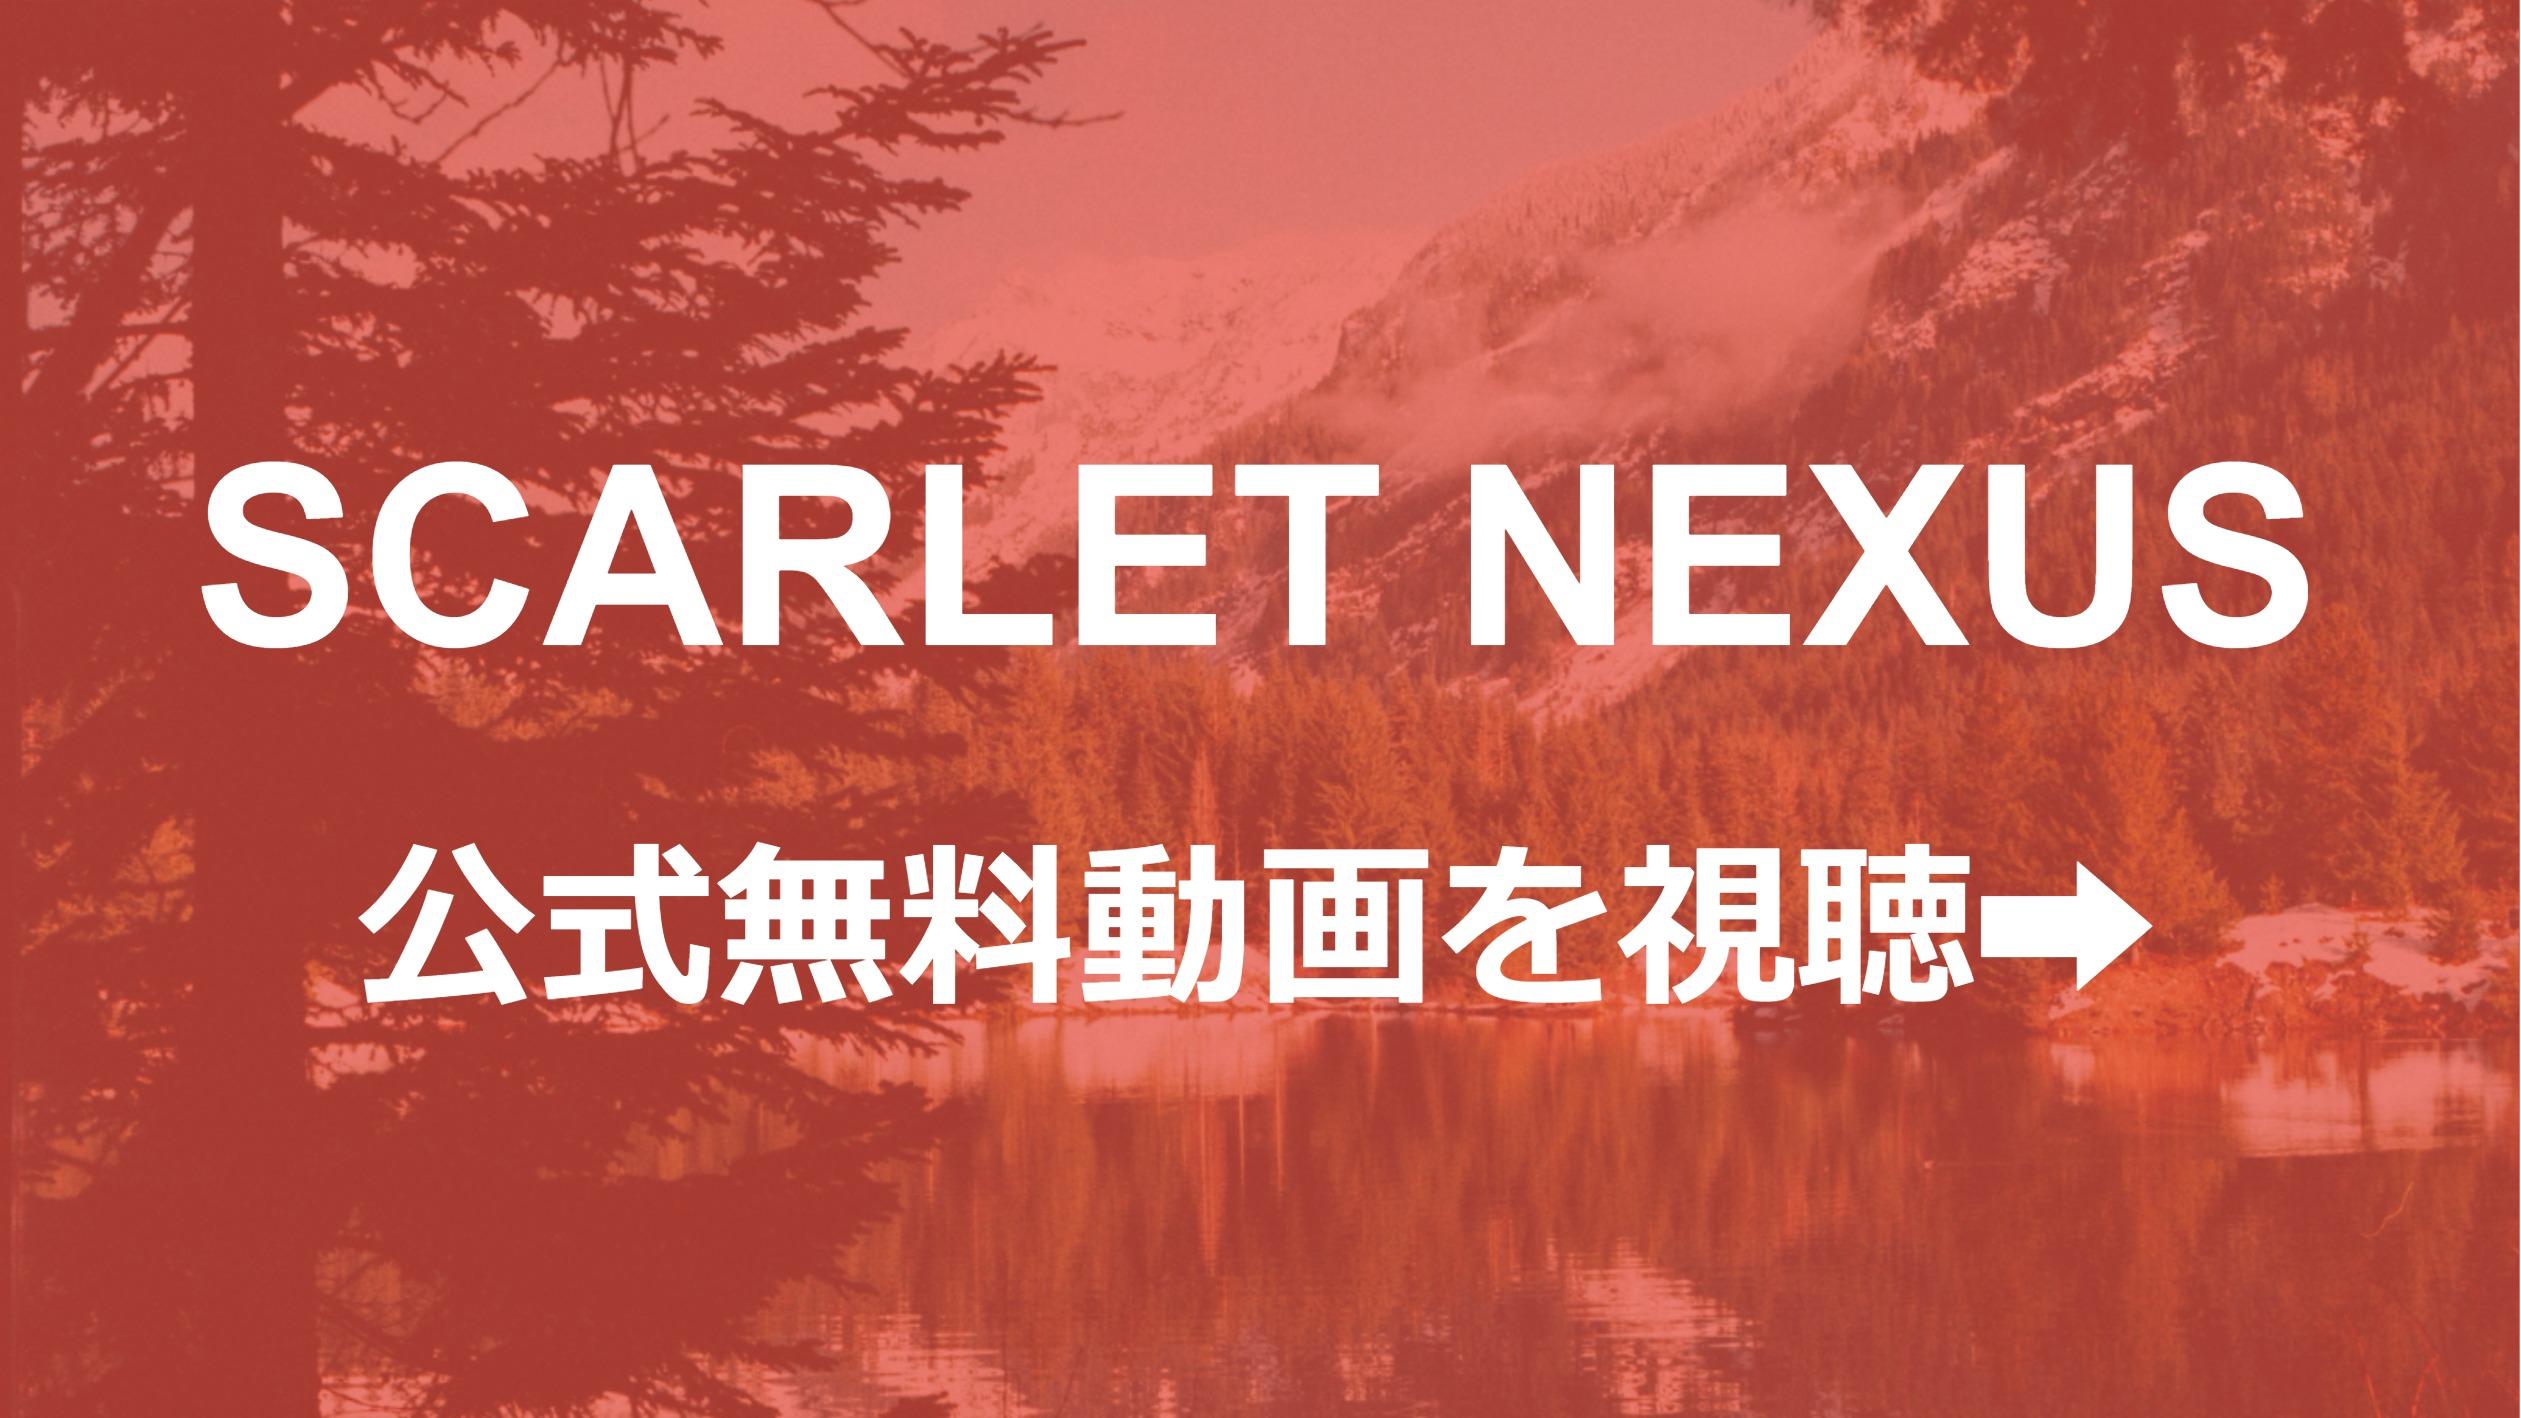 アニメ「SCARLET NEXUS」無料フル動画を1話~全話視聴できる公式配信サービスまとめ!